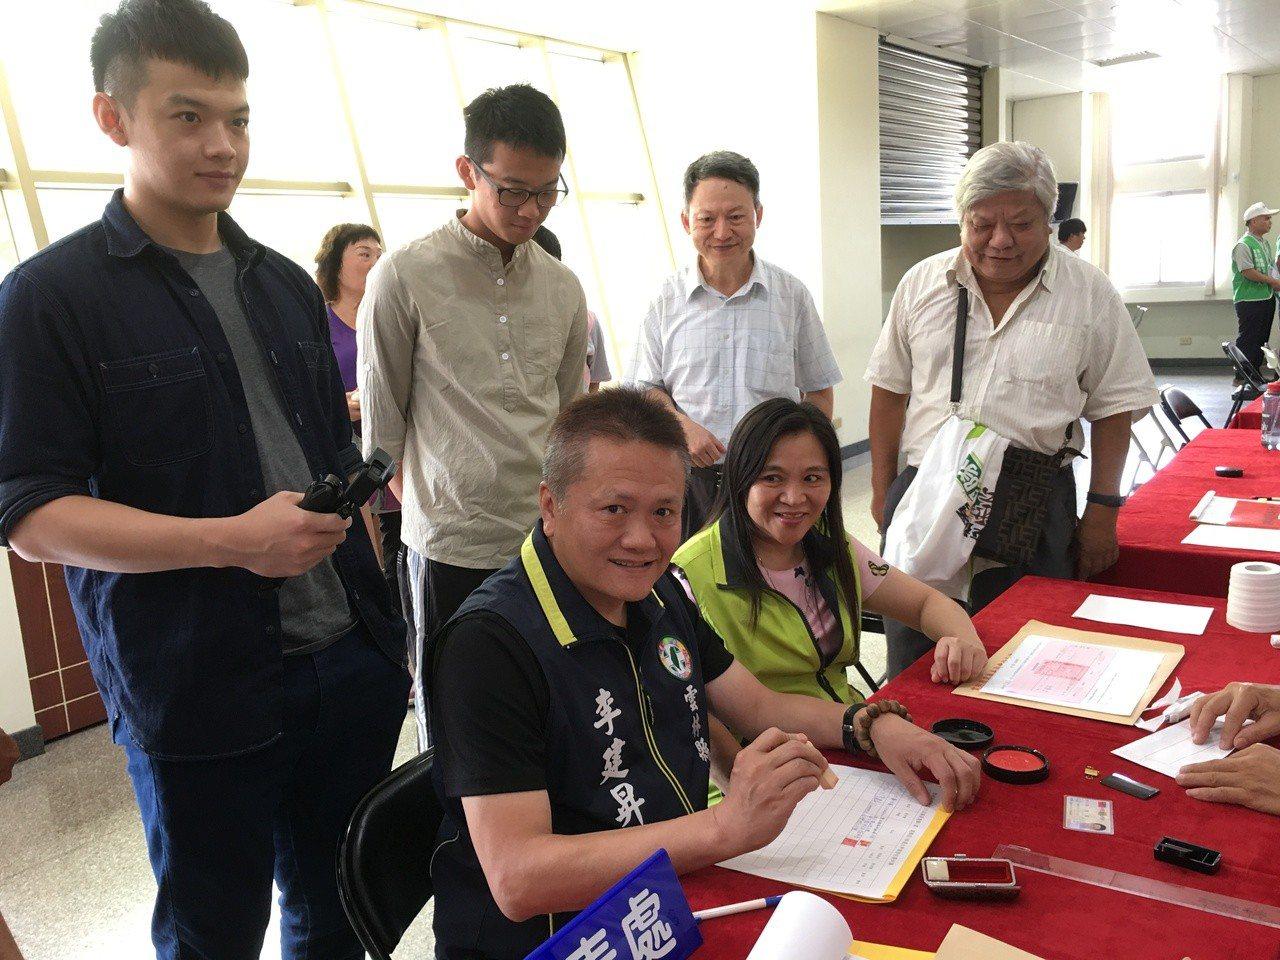 雲林縣第一選區議員李建昇將挑戰六連霸。圖/本報資料照